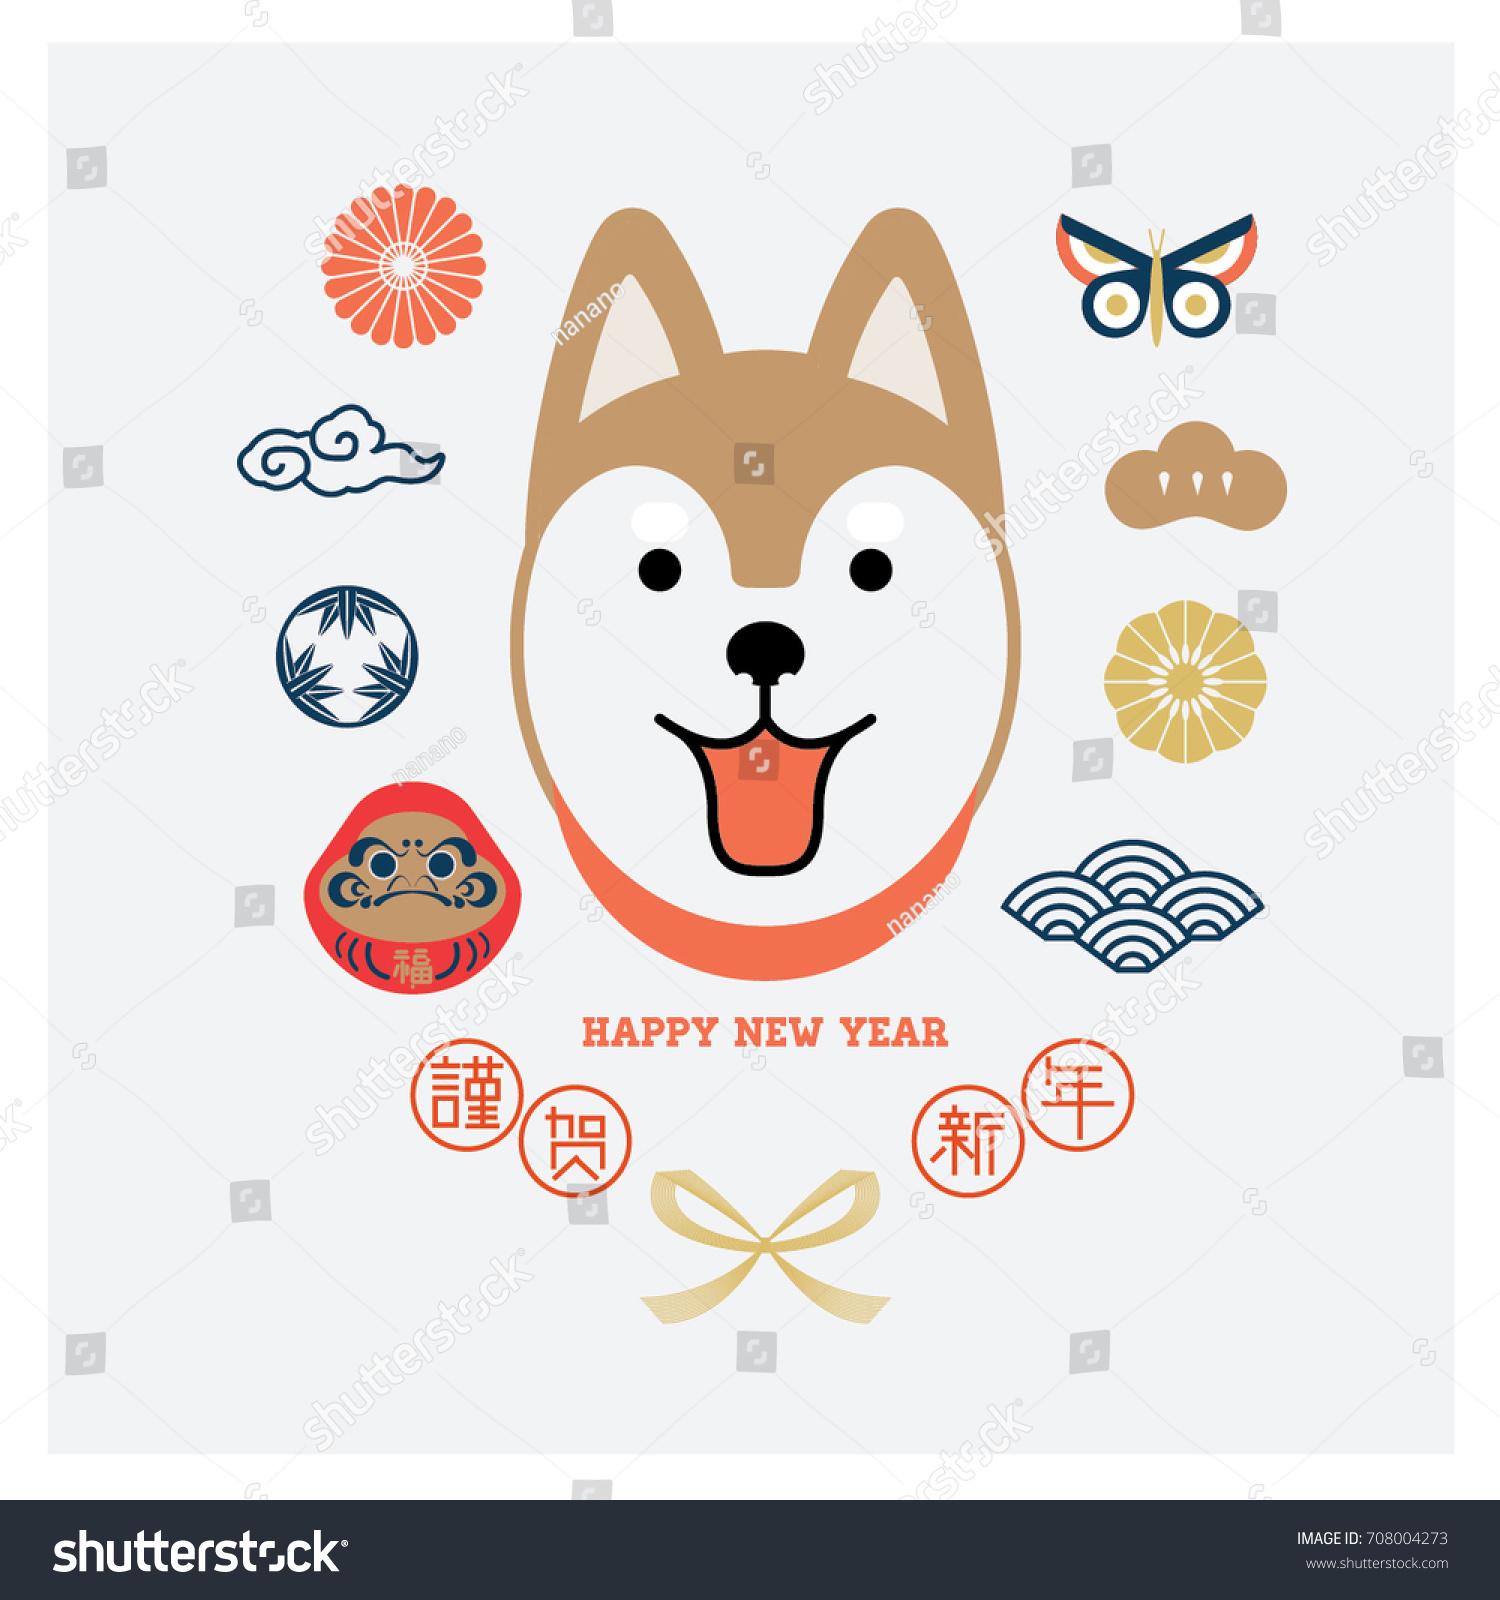 О годе | Год собаки 2018